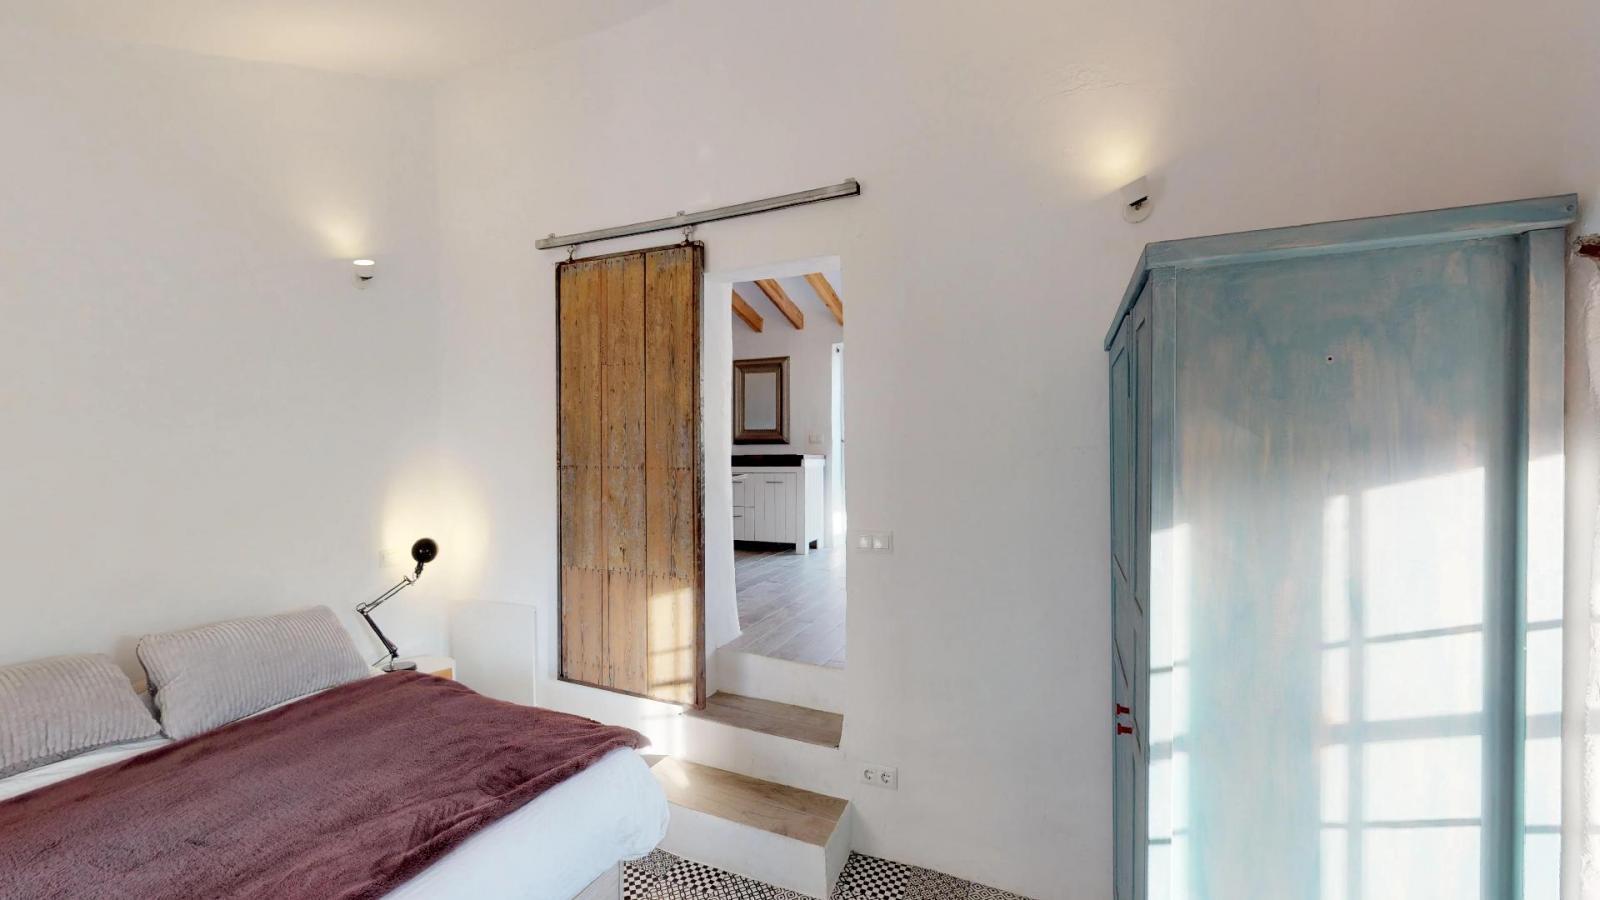 39564418 3303414 foto 084382 - Vida al aire libre en esta encantadora casa de pueblo en Velez-Málaga